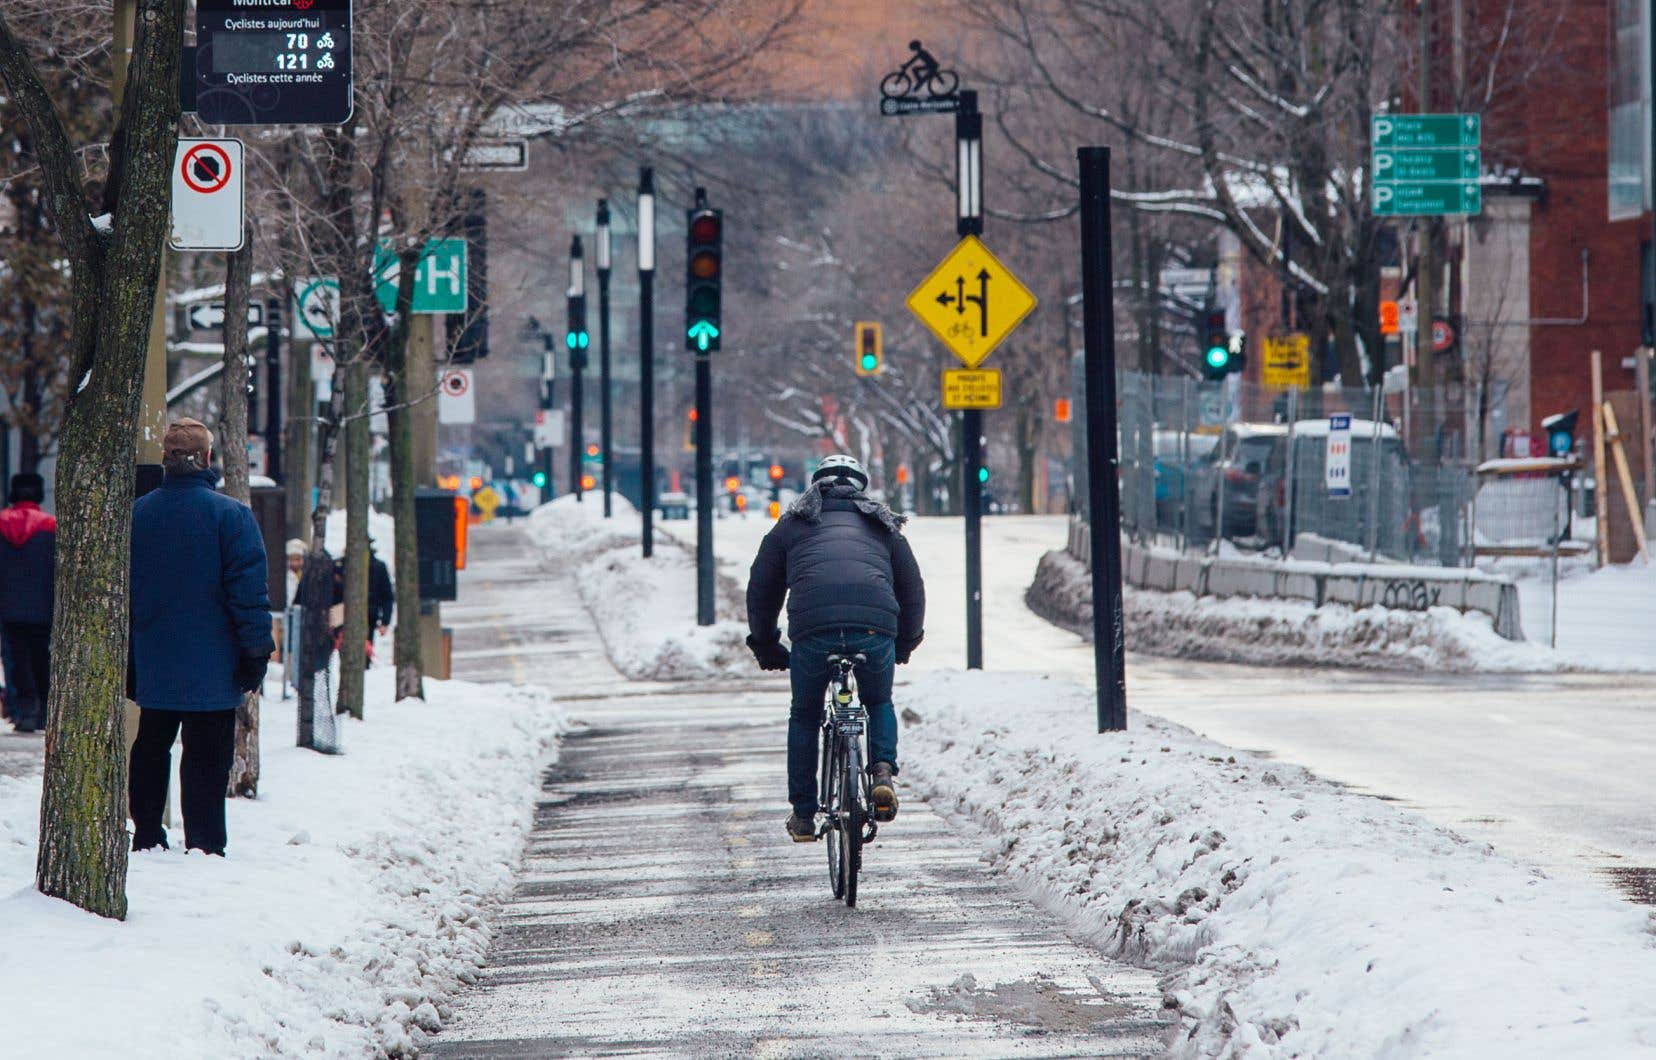 Si aucun cycliste n'a perdu la vie dans les rues de Montréal en 2019, il faudra se demander pourquoi autant de piétons — 24 au total — sont morts en traversant la chaussée.